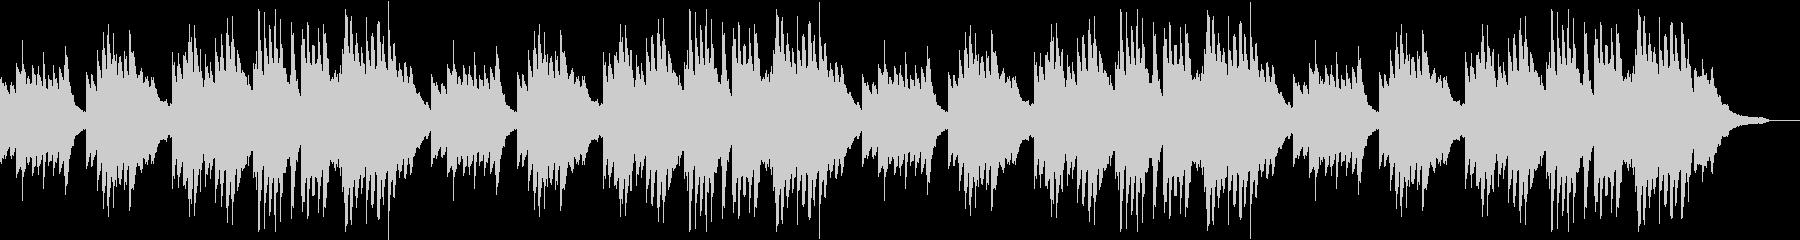 豊かな和音のうららかな秋のピアノBGMの未再生の波形